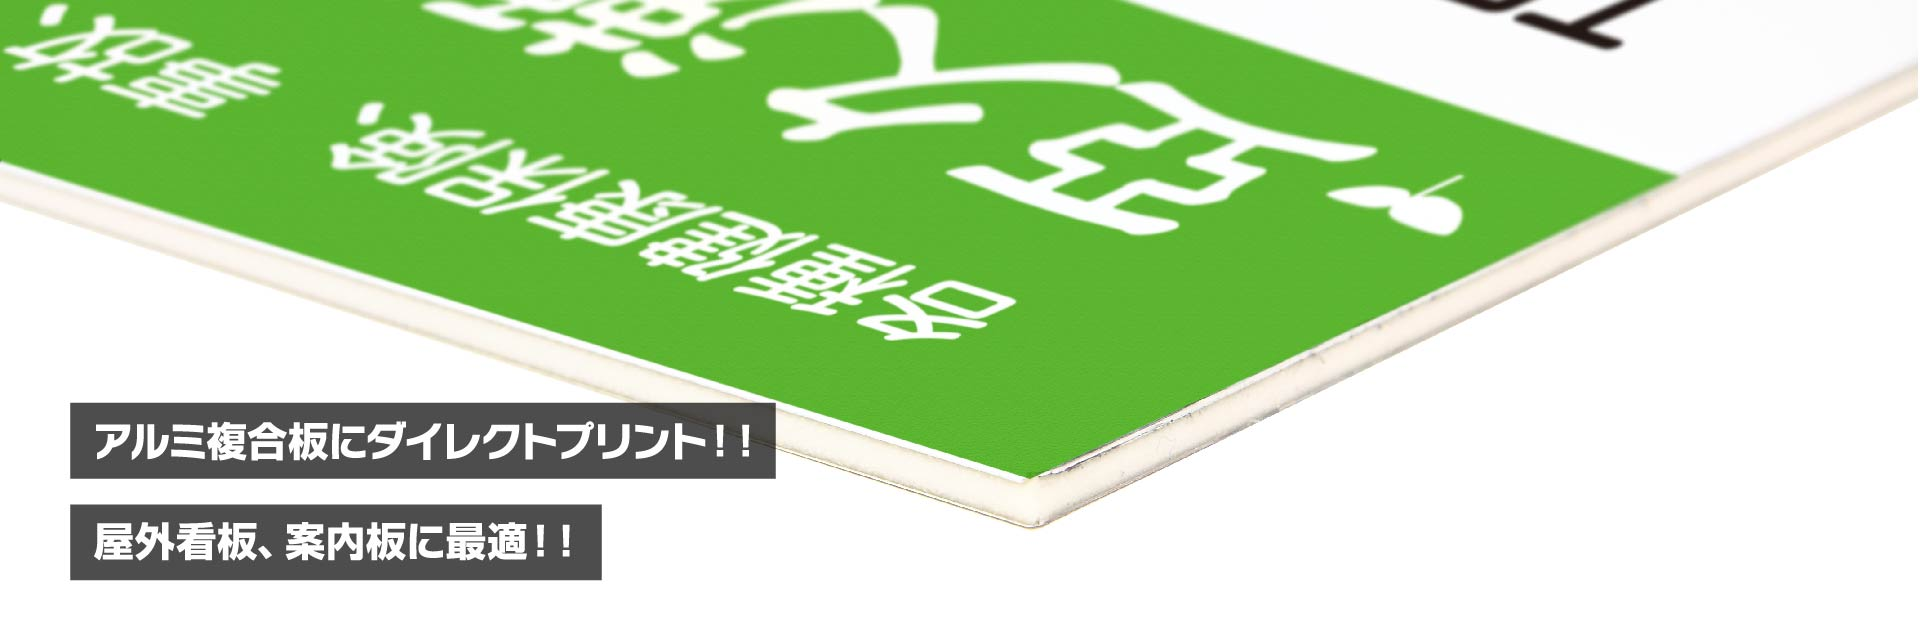 アルミ複合板 オンデマンド印刷のアクセア